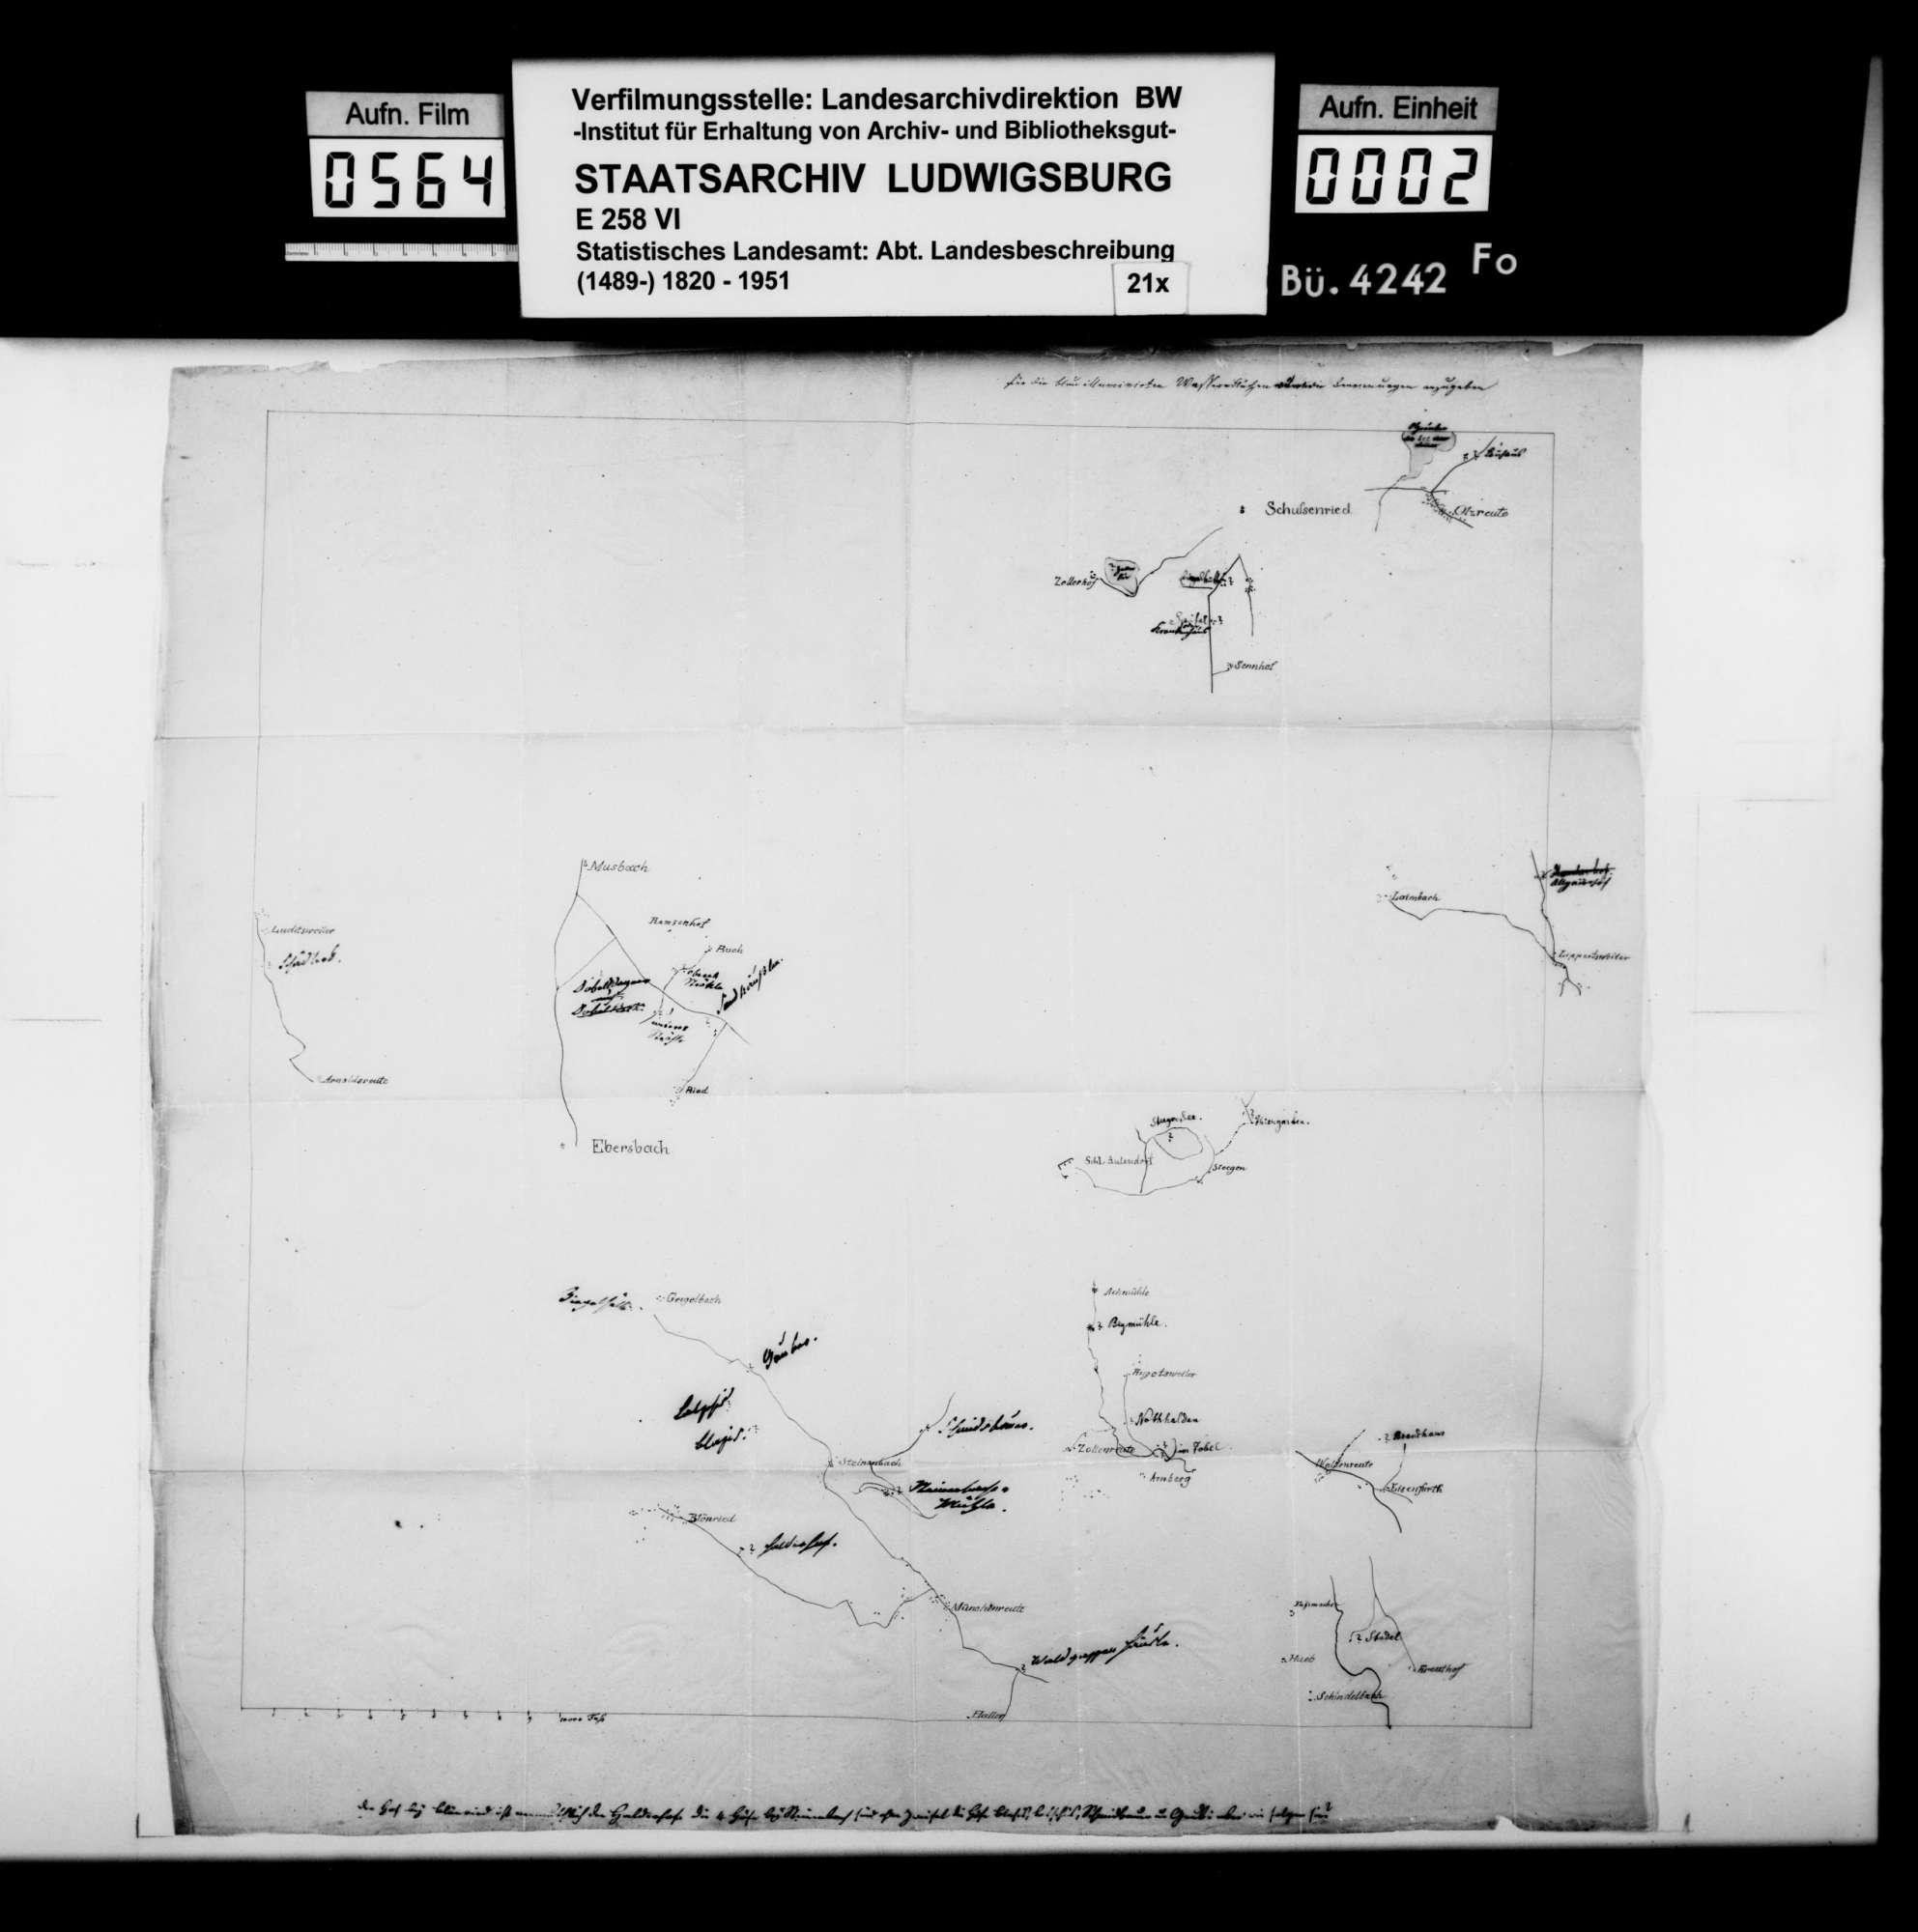 Farbige Kartenskizze vom Gebiet Schussenried - Ebersbach [Oberamt Saulgau] - Zollenreute [desgl.], Maßstab ca. 1:25 000, zur Korrektur der topographischen Karten des Königreichs, Bild 1